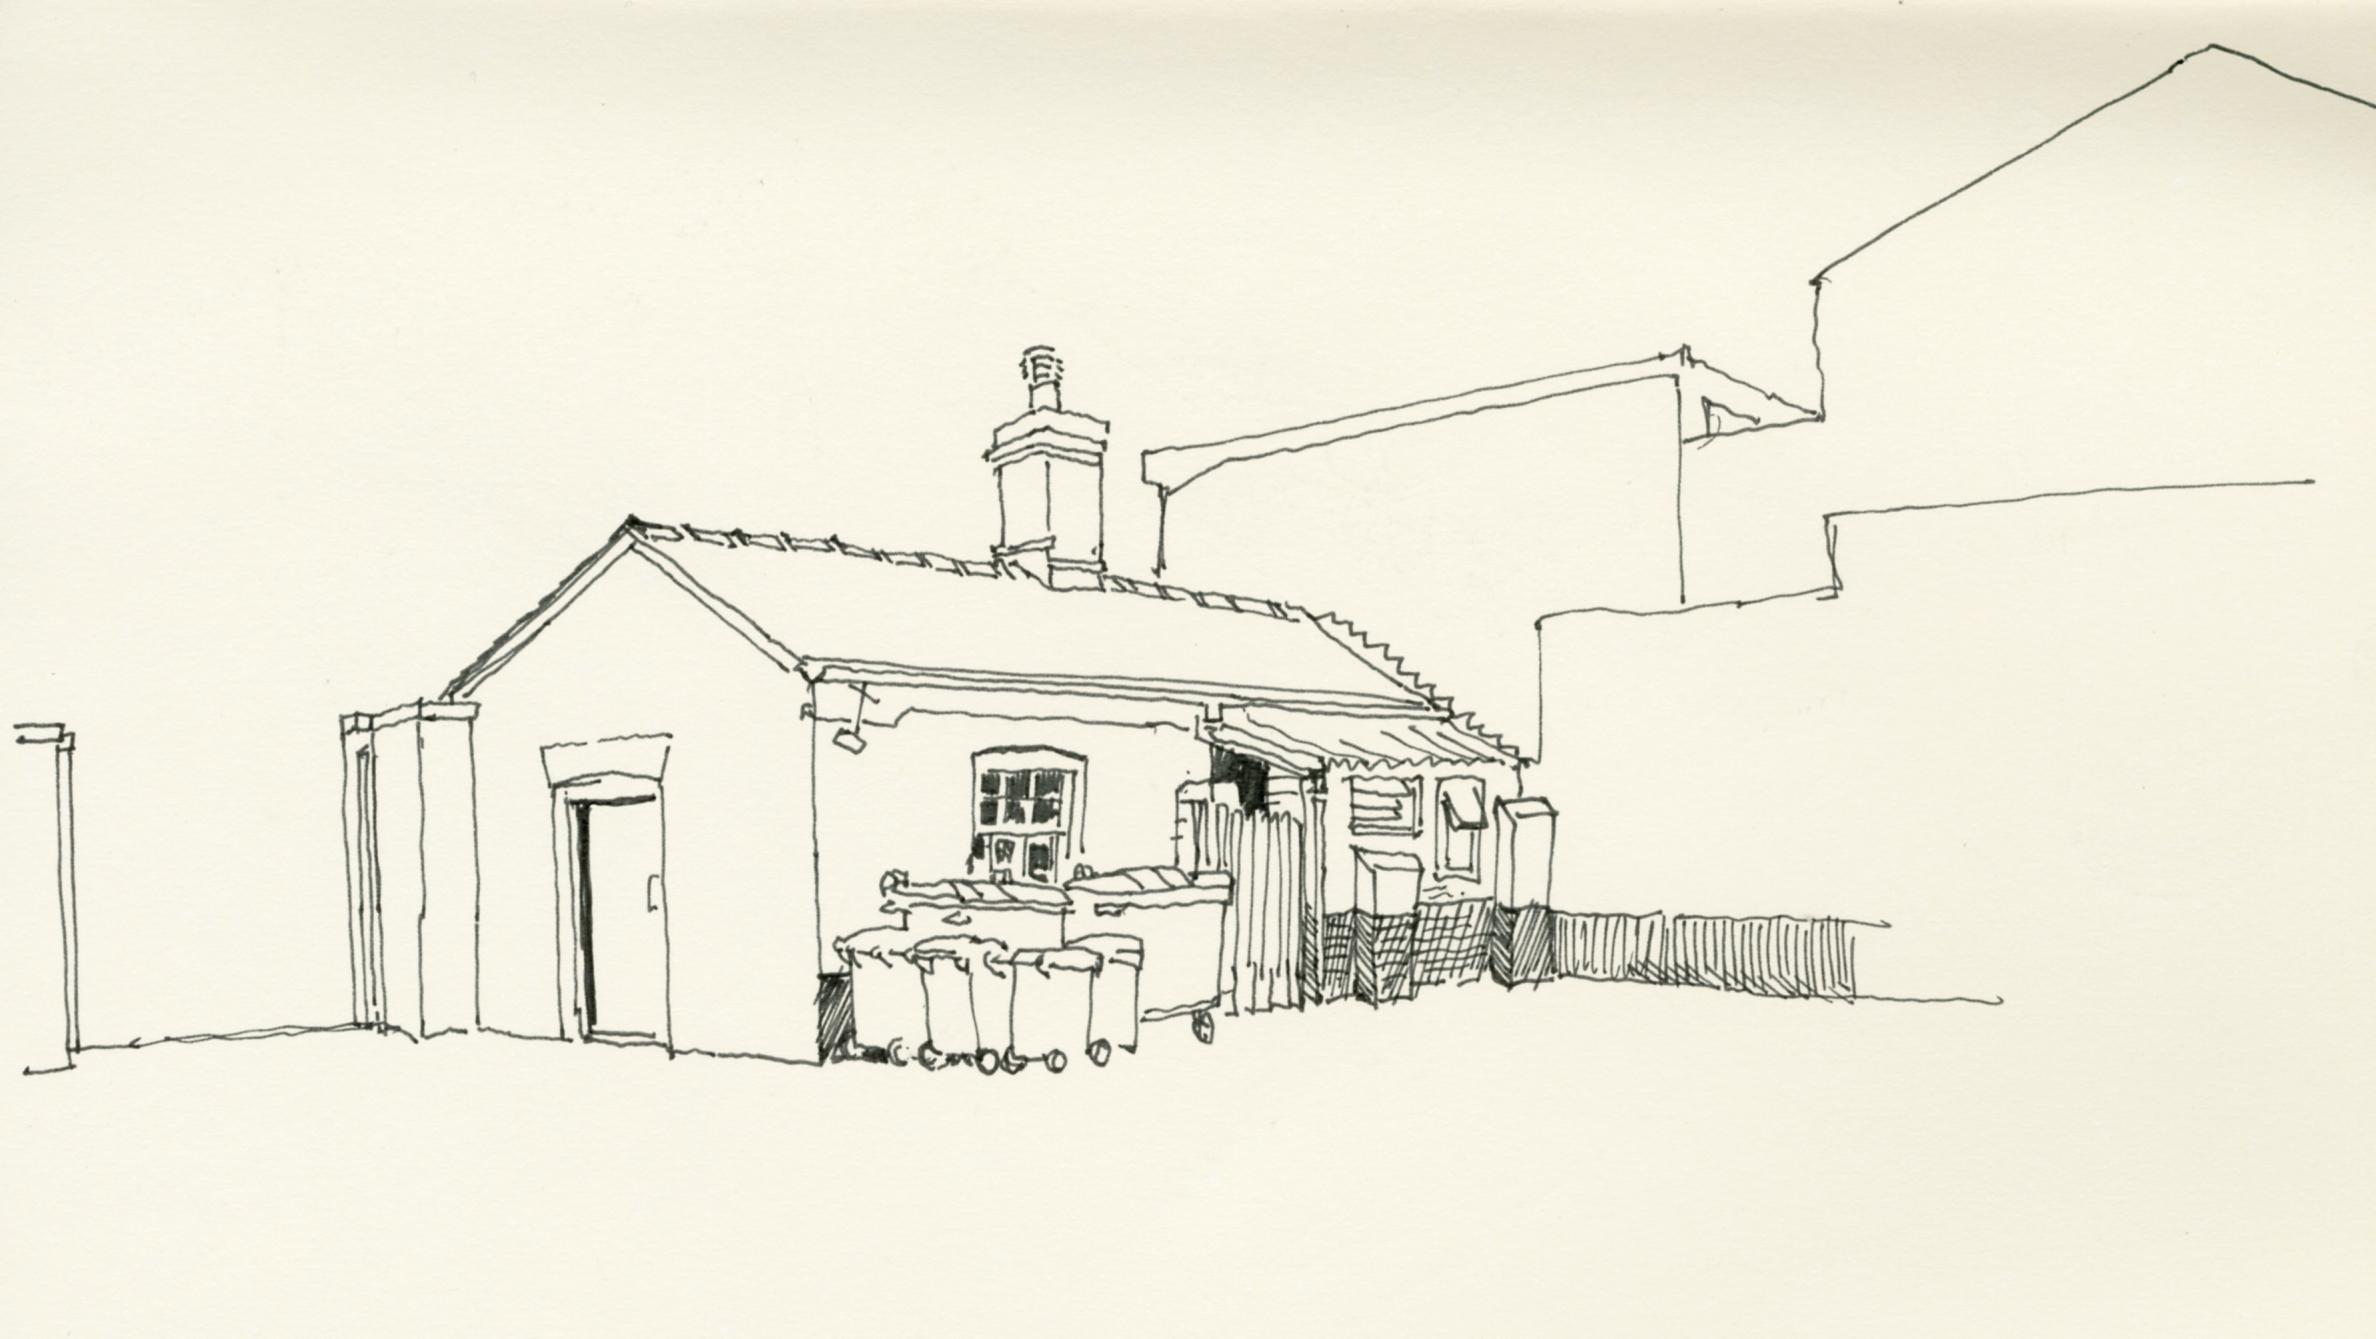 Hintergrundbilder : Zuhause, skizzieren, Haus, Eigentum, Zeichnung ...